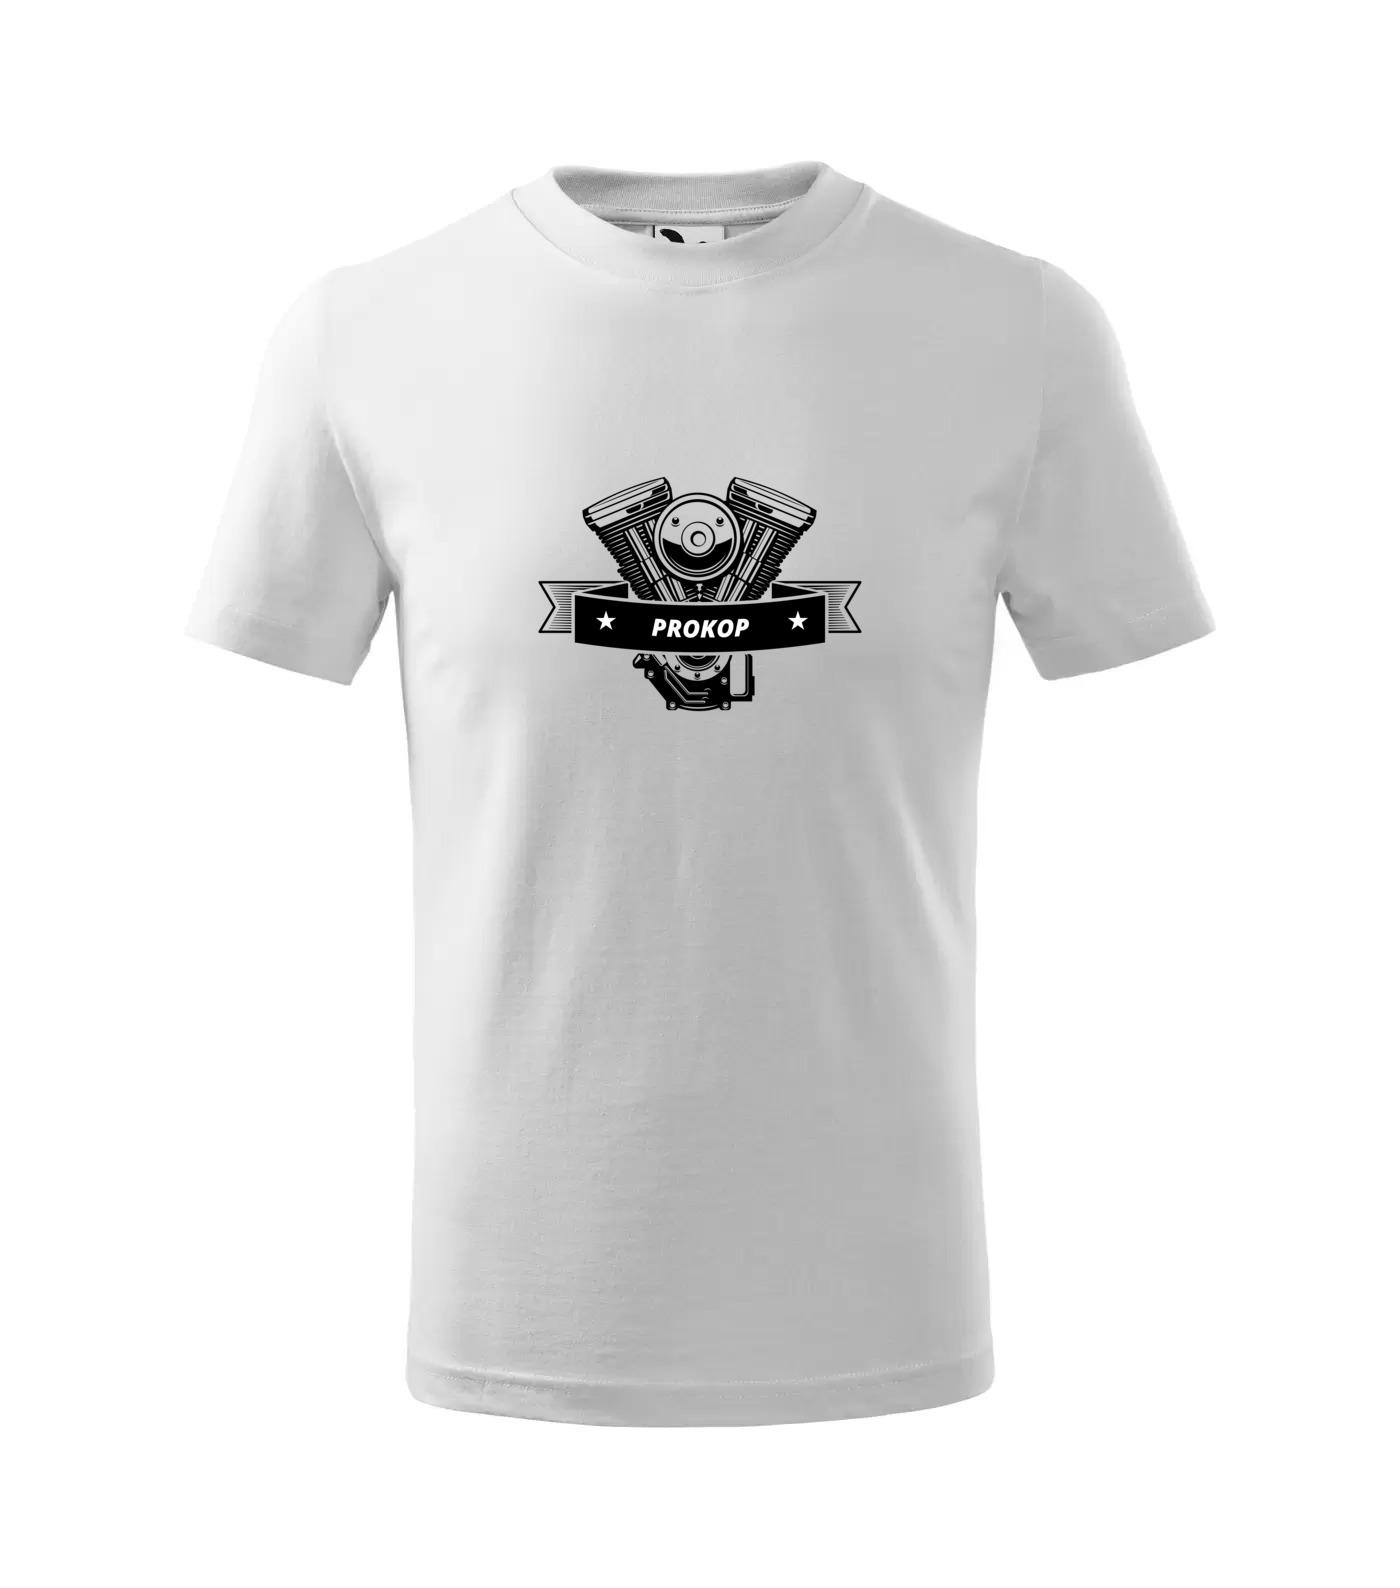 Tričko Motorkář Prokop